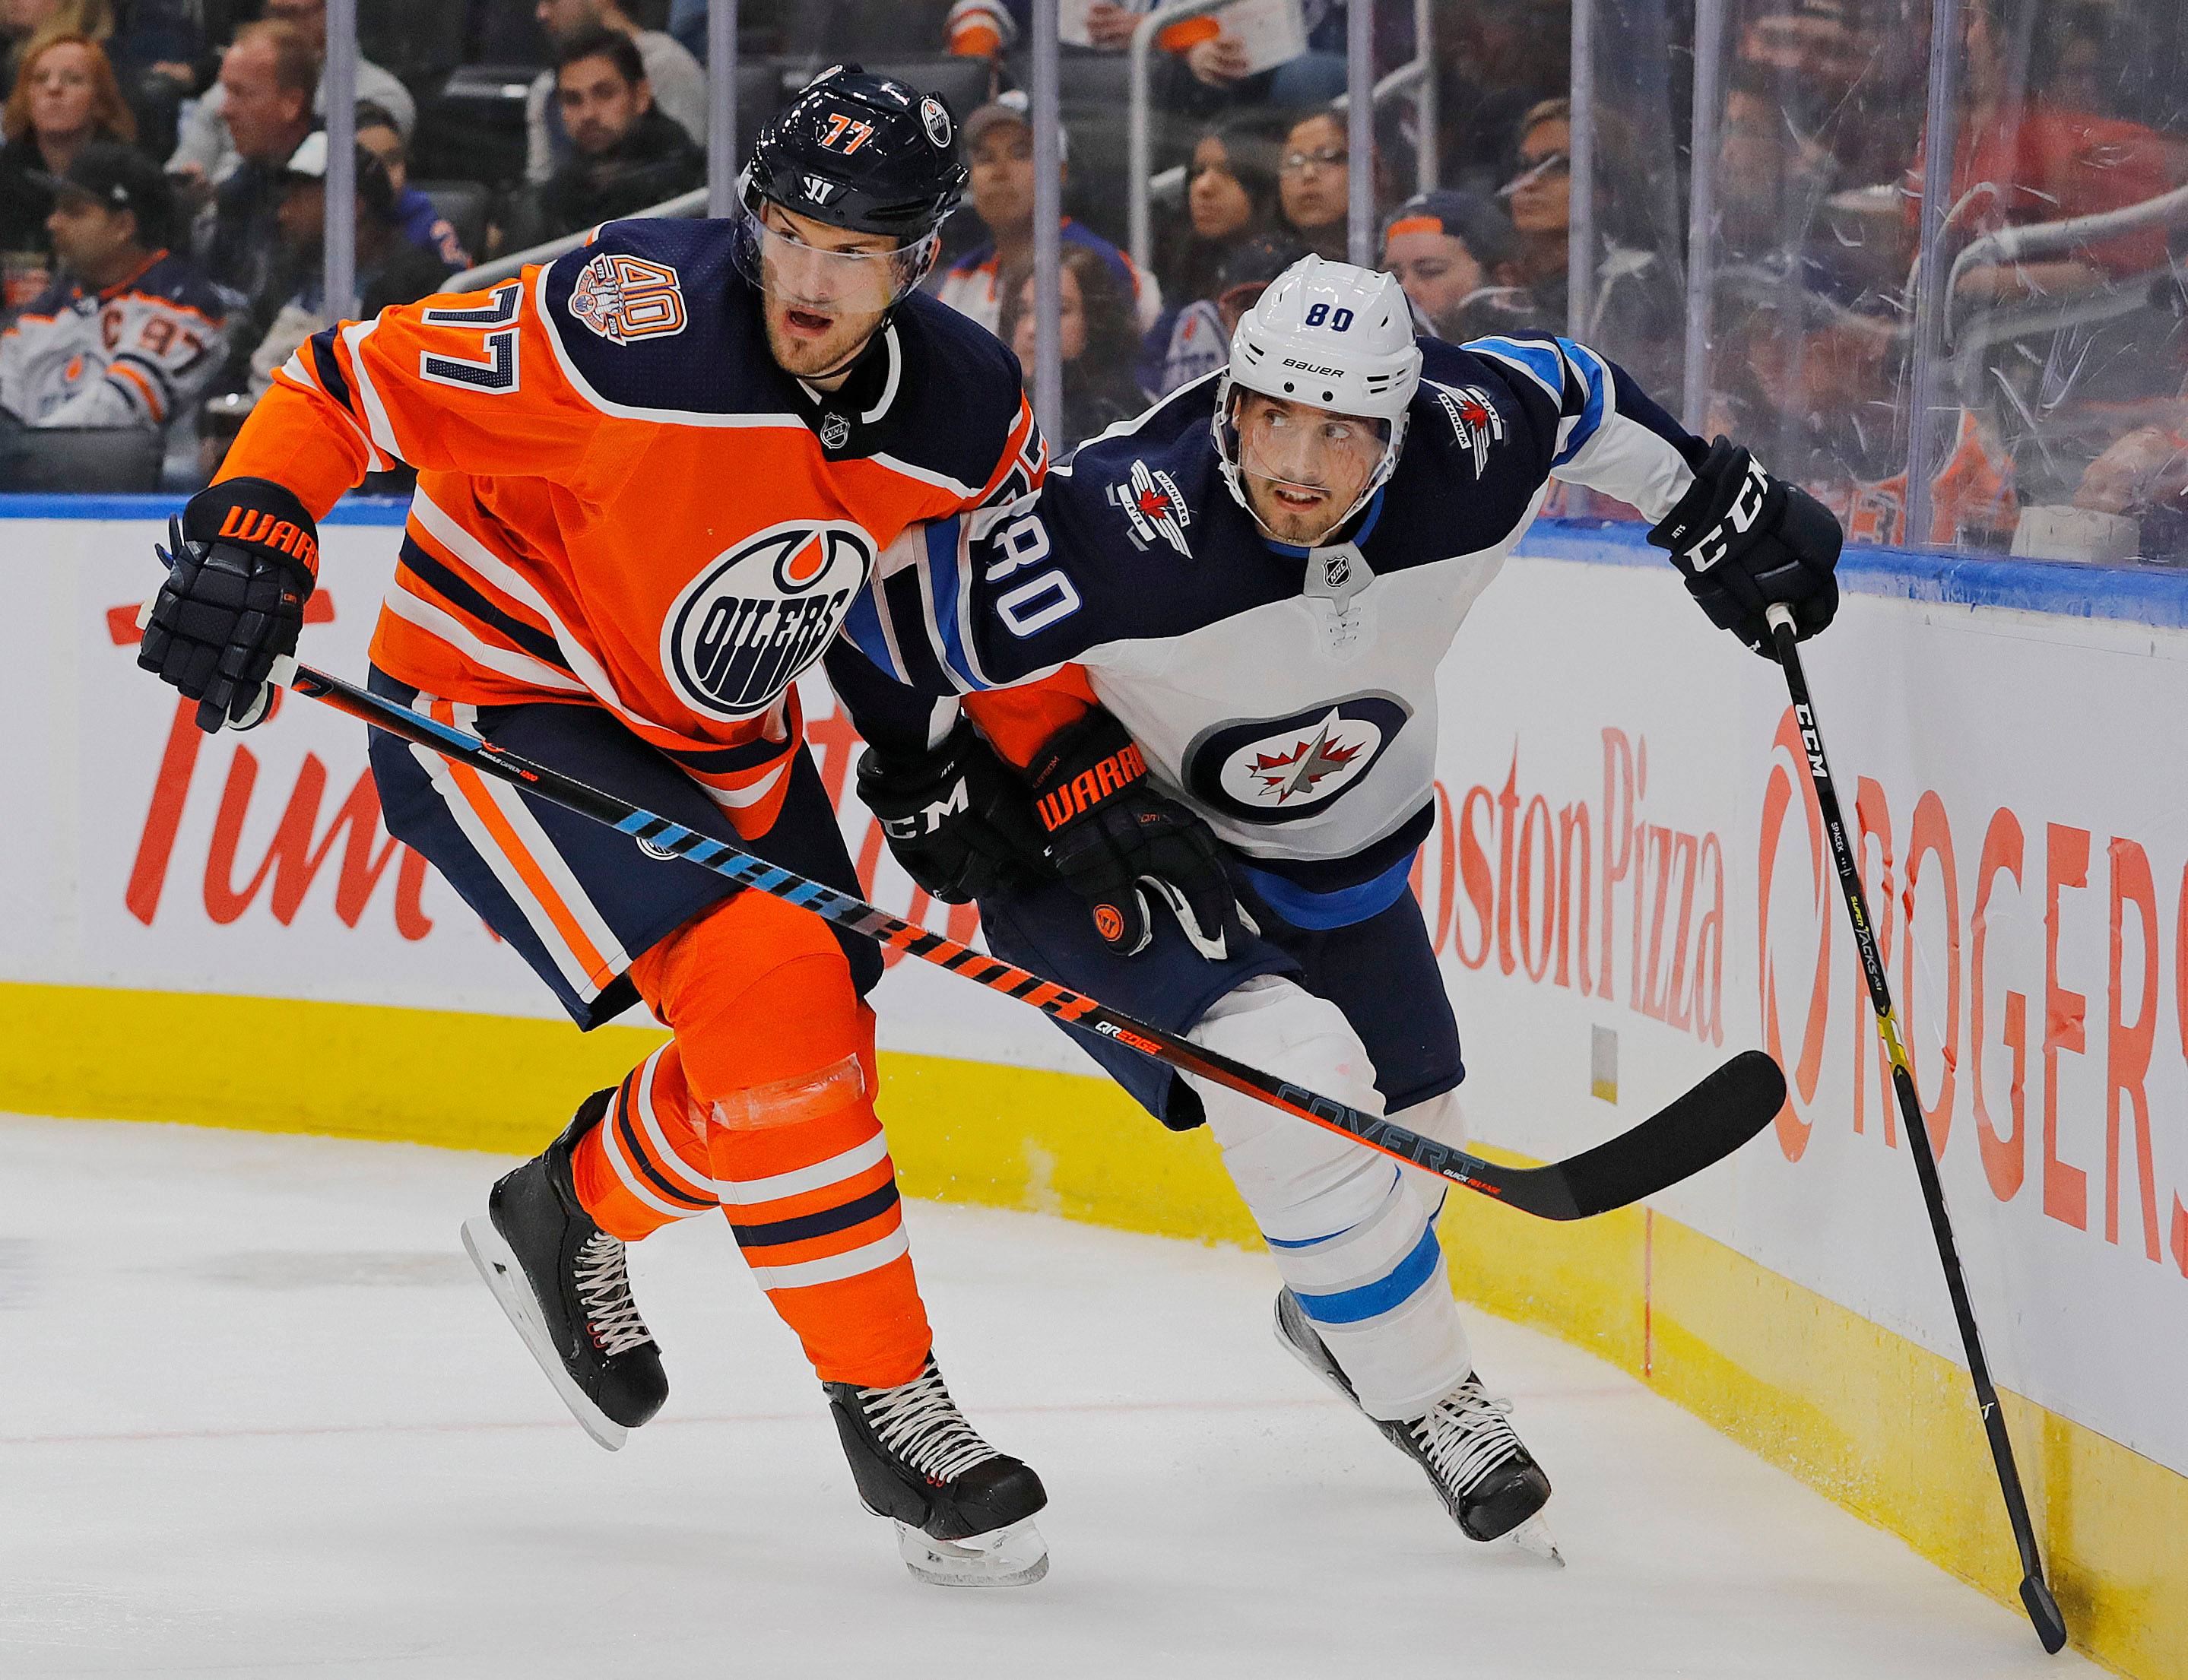 NHL: Preseason-Winnipeg Jets at Edmonton Oilers